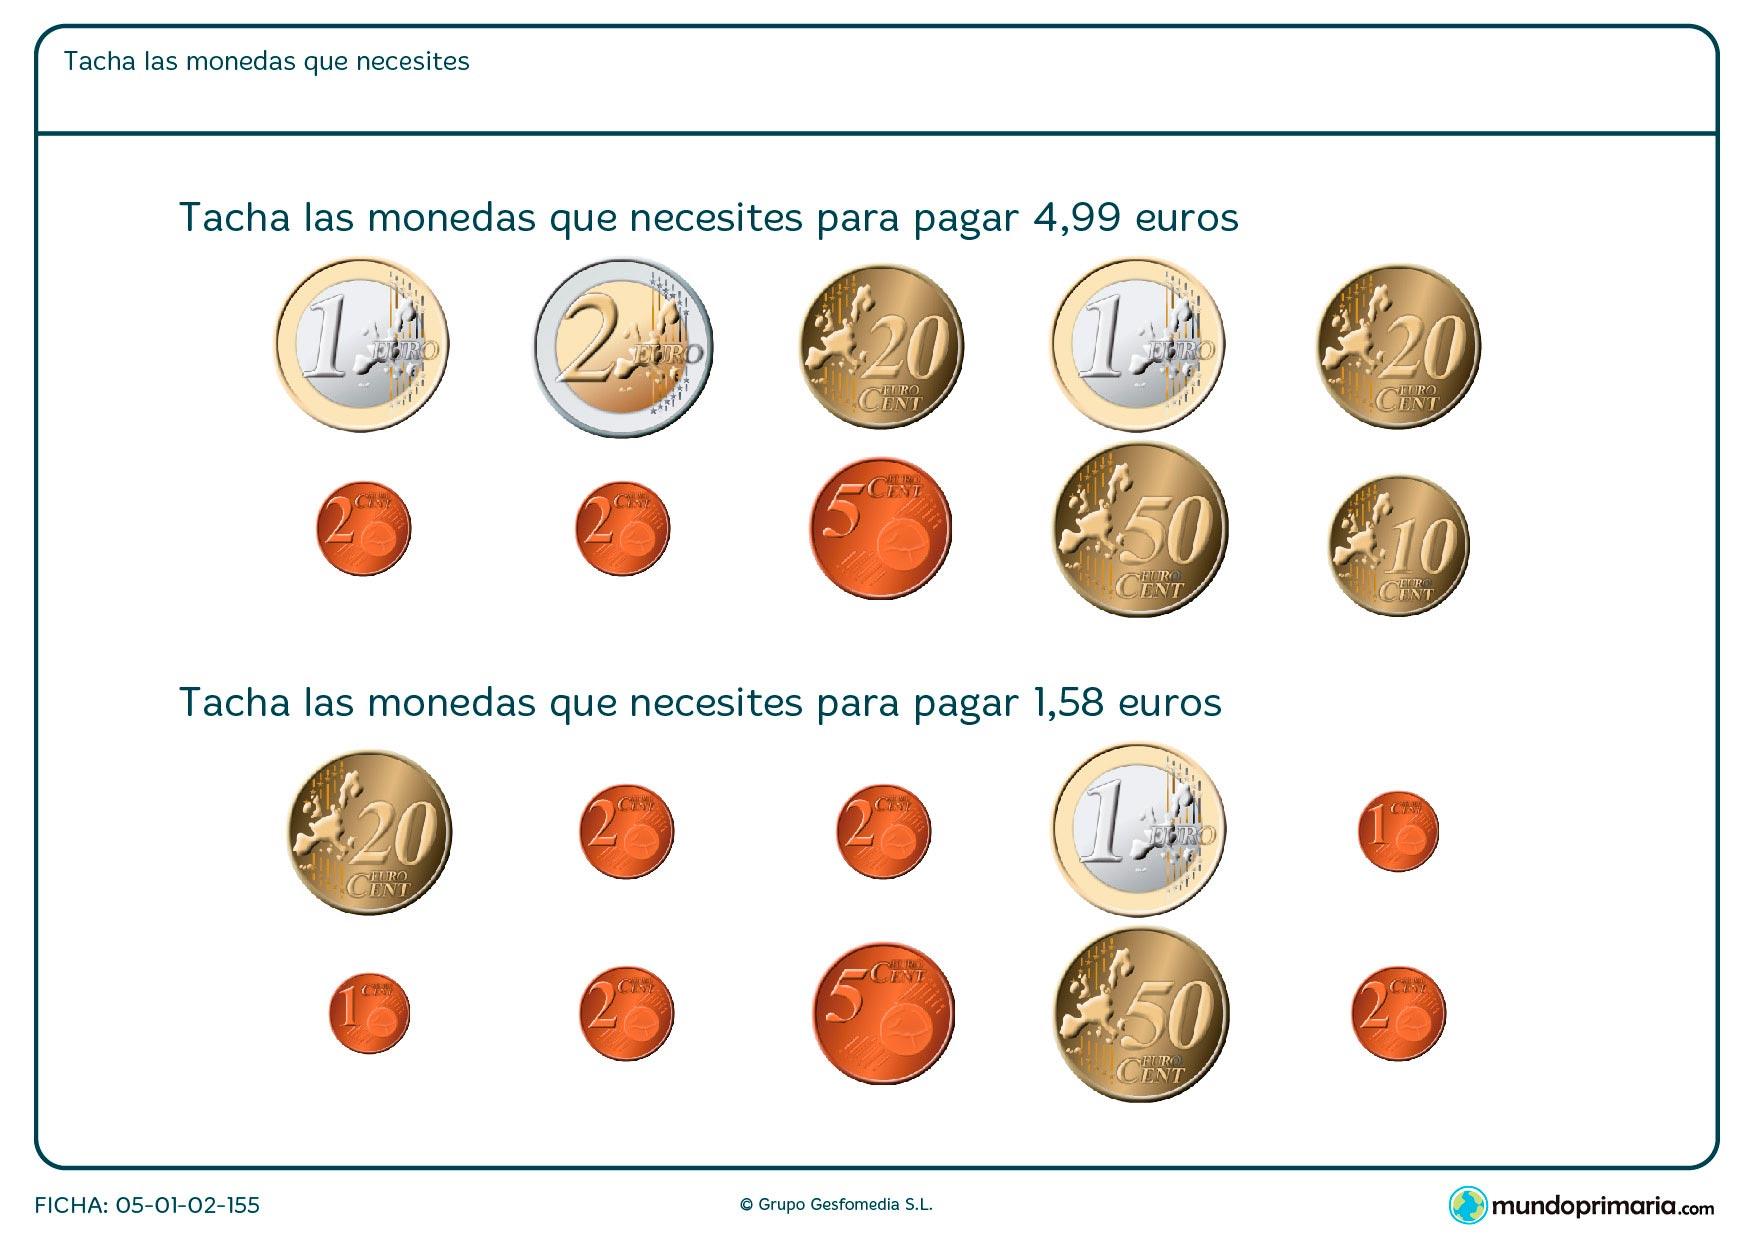 Seleccionar las monedas que juntas sumen el total de dinero que se plantea en el ejercicio de matemáticas.